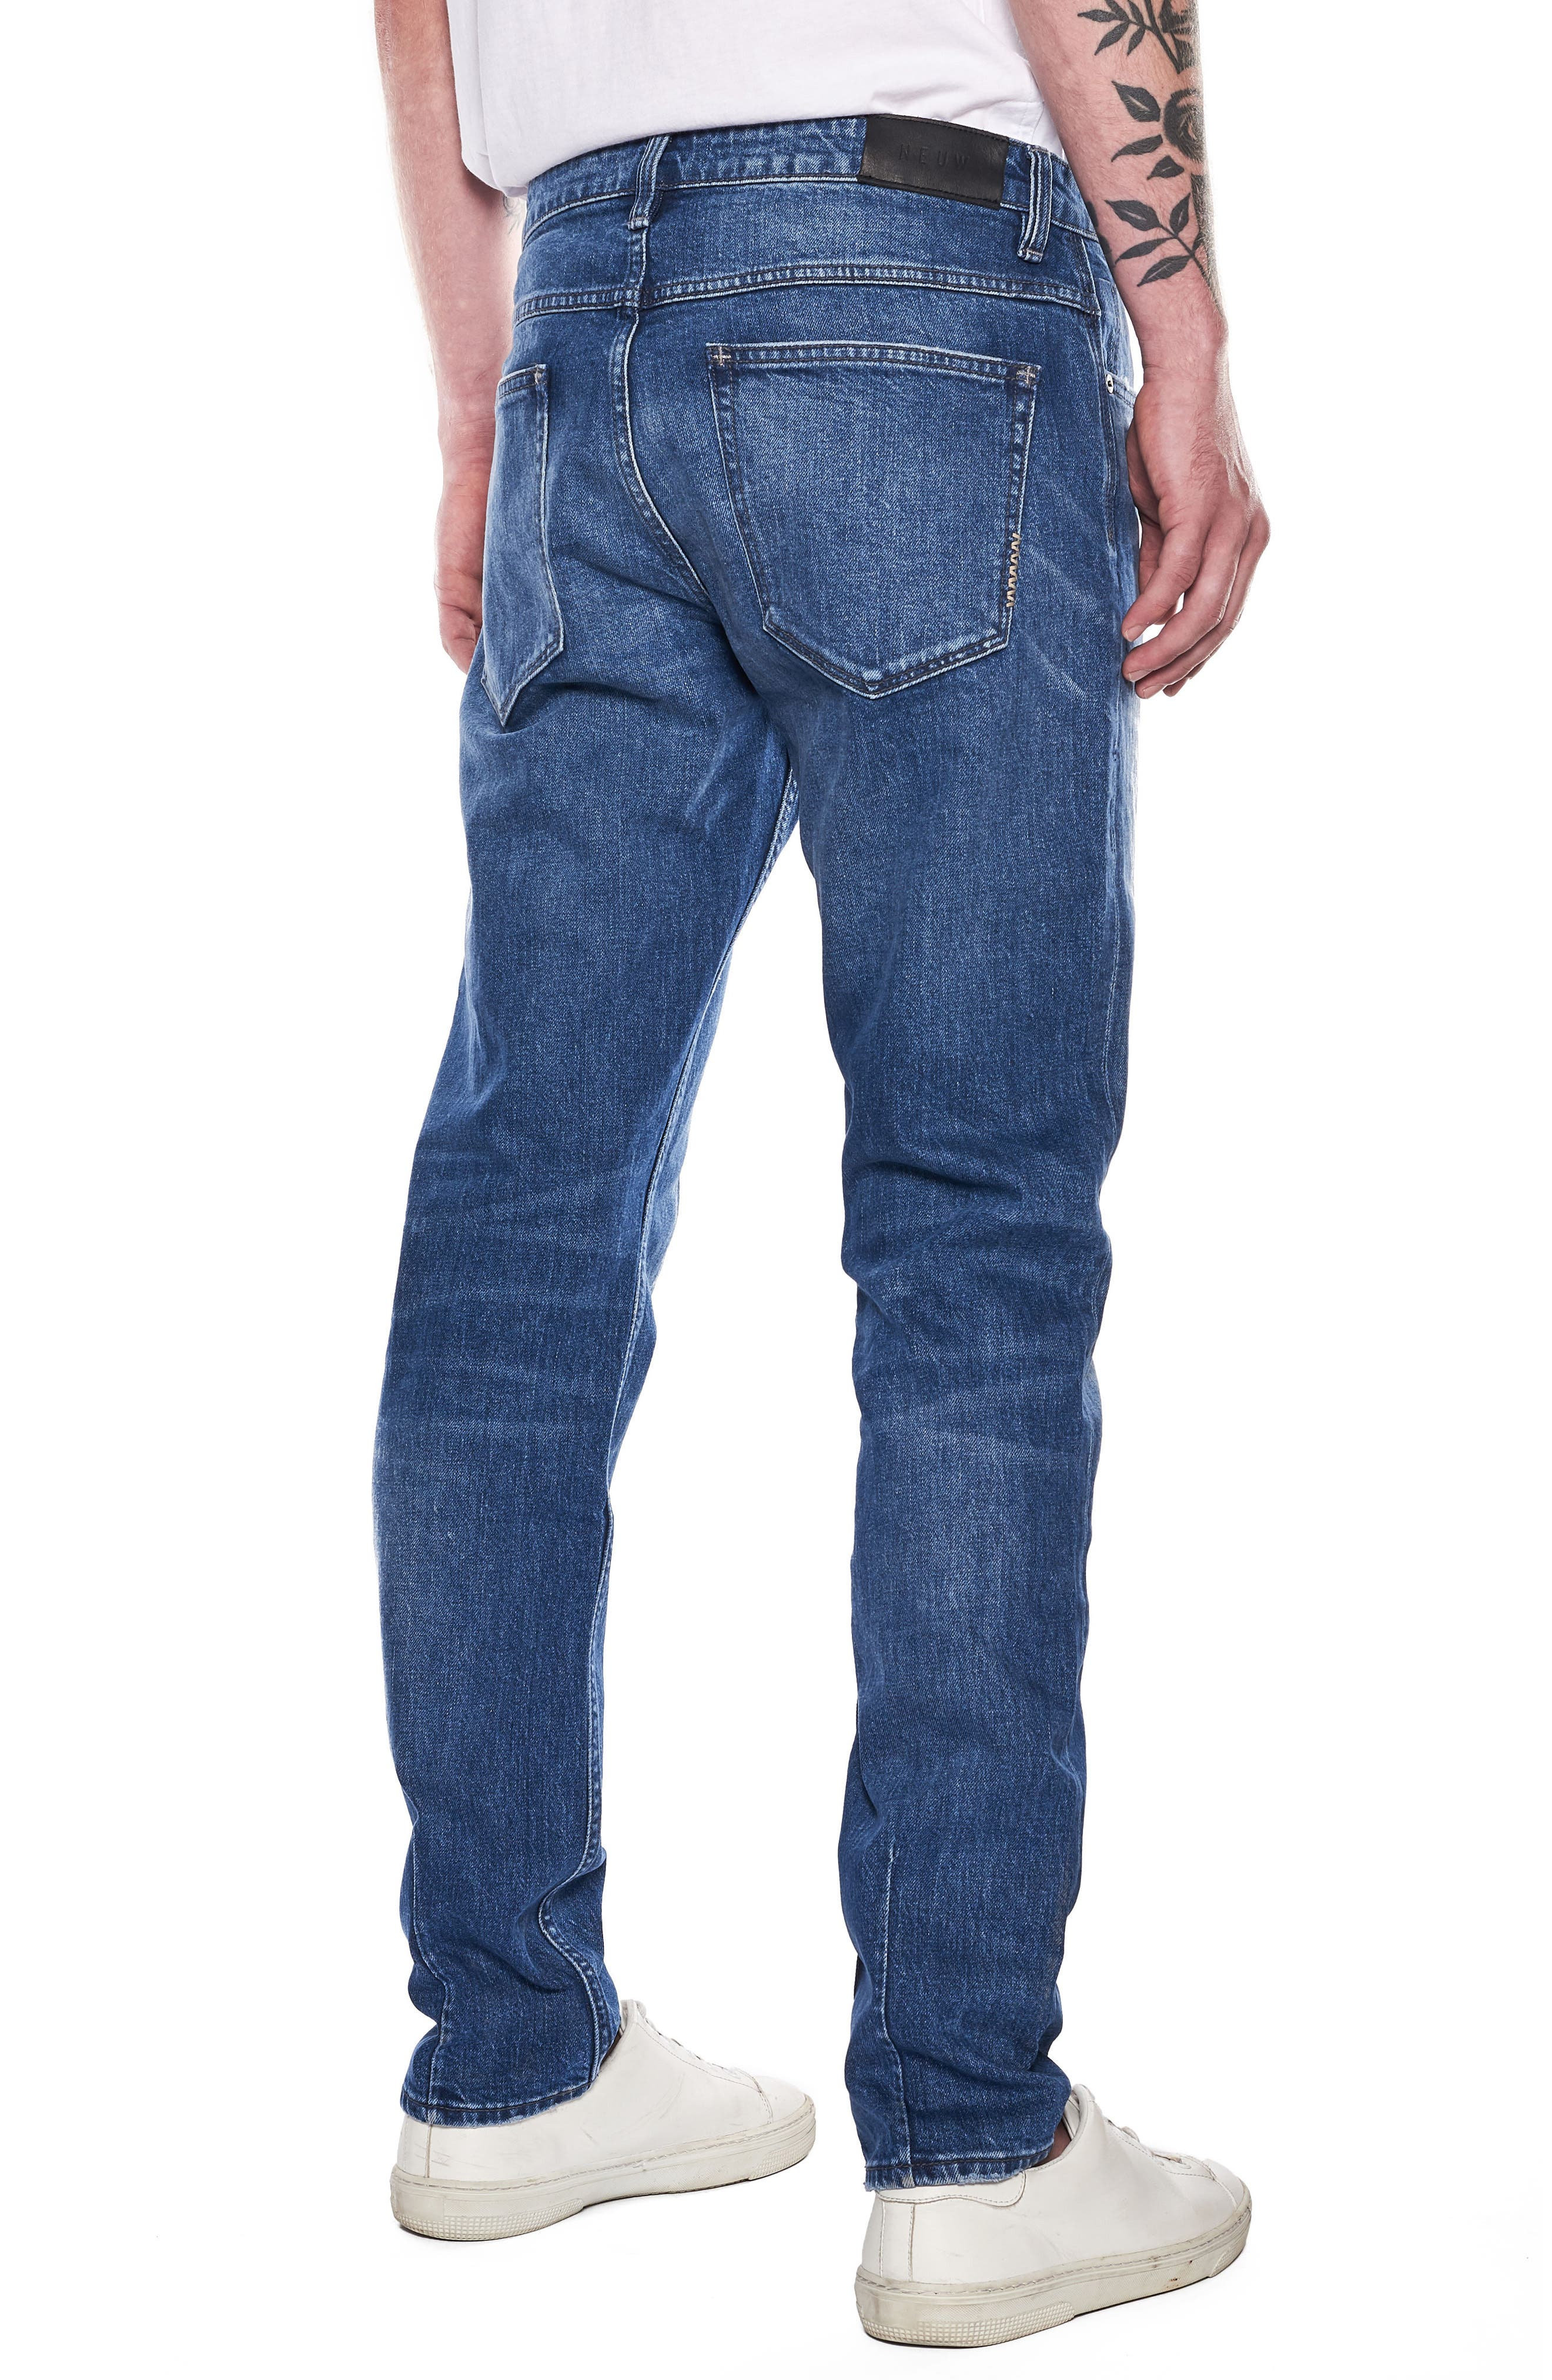 Lou Slim Fit Jeans,                             Alternate thumbnail 2, color,                             Club